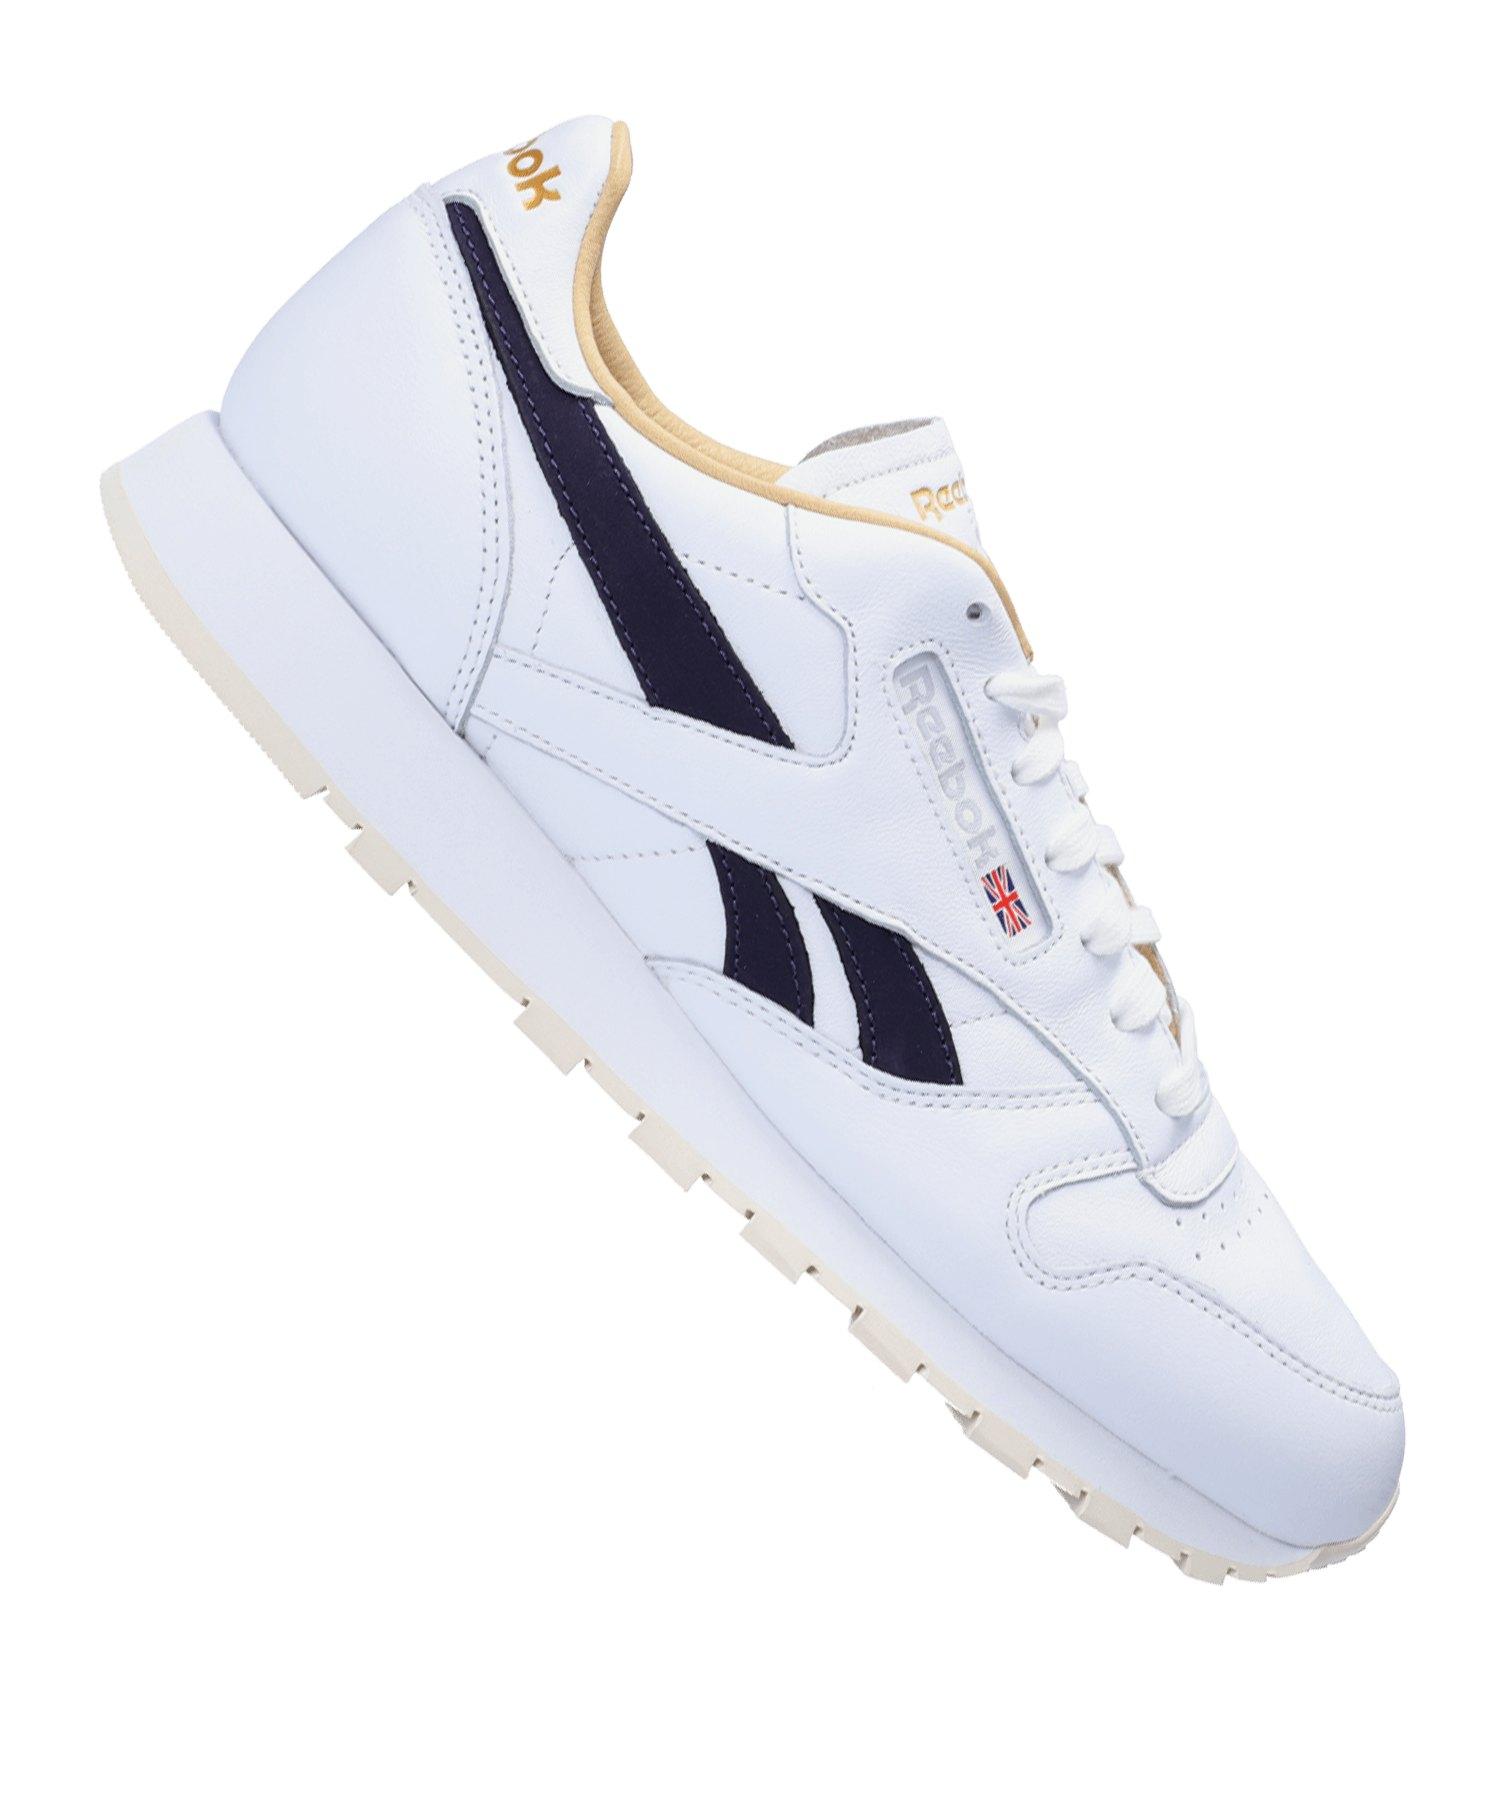 Reebok Club Leather MU Sneaker Weiss - weiss